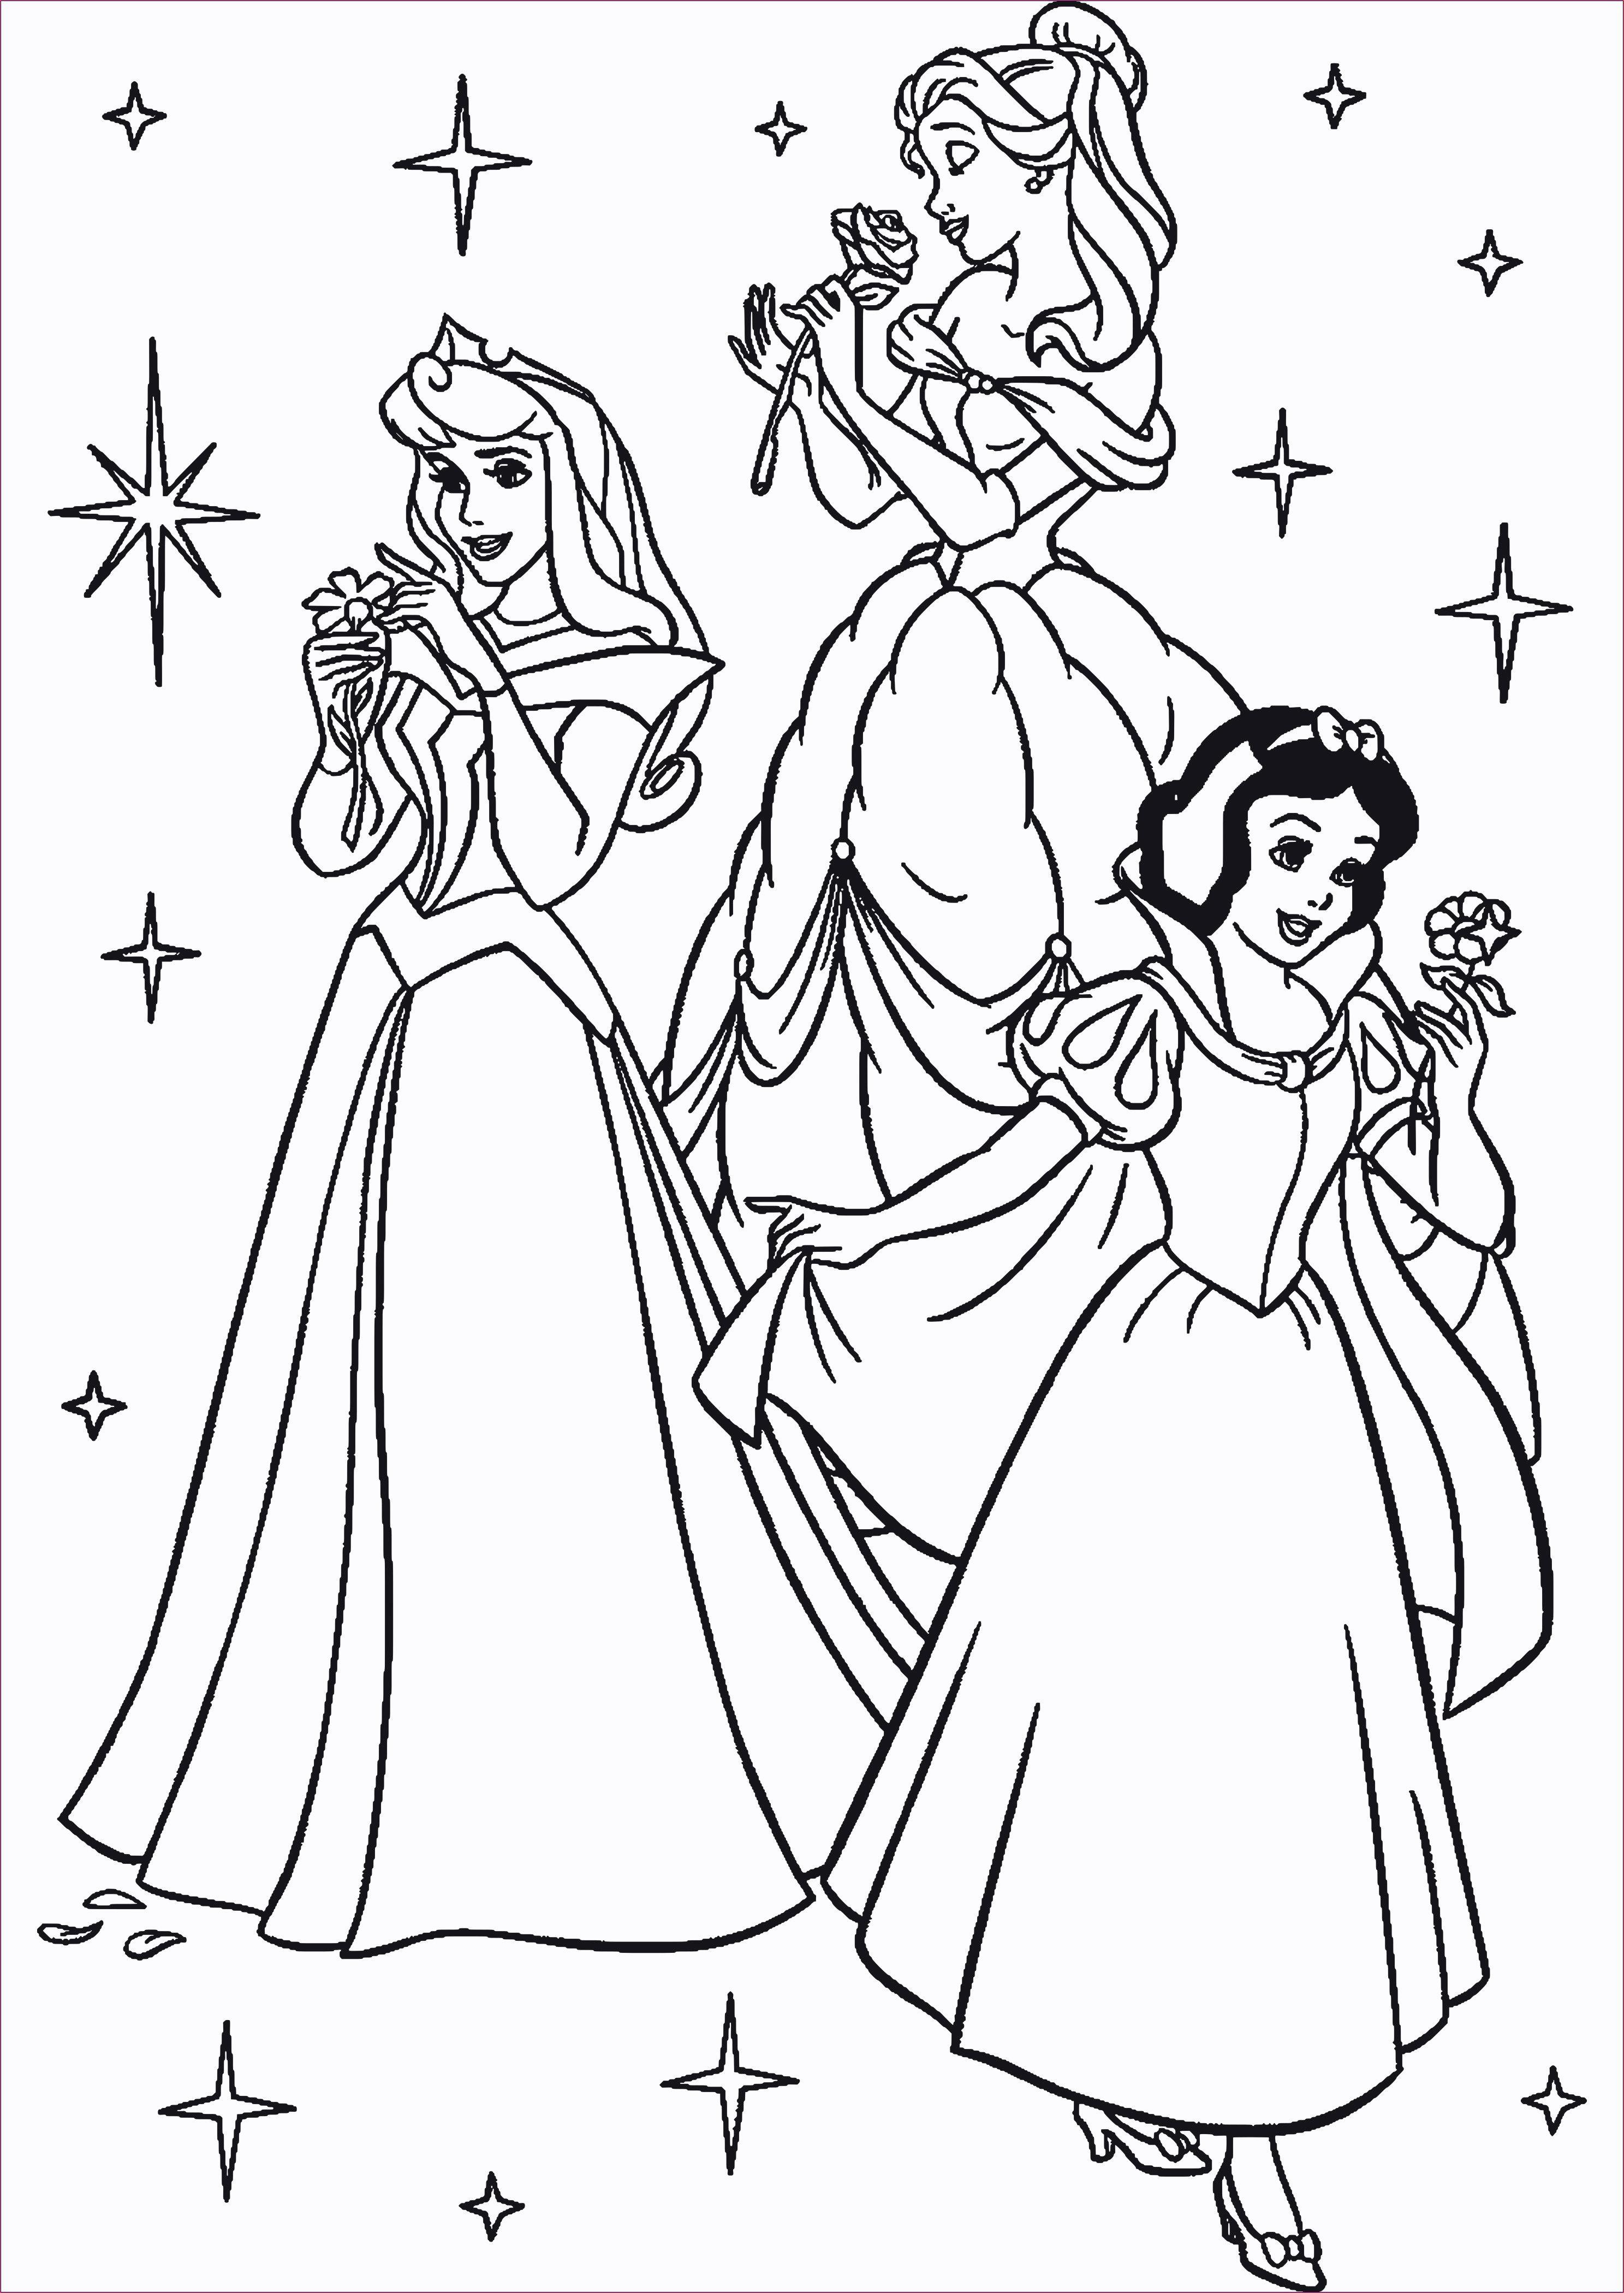 Ausmalbilder Prinzessin sofia Das Beste Von Prinz Zum Ausmalen Best sofia Coloring Pages Beautiful Ftd8 Fotos